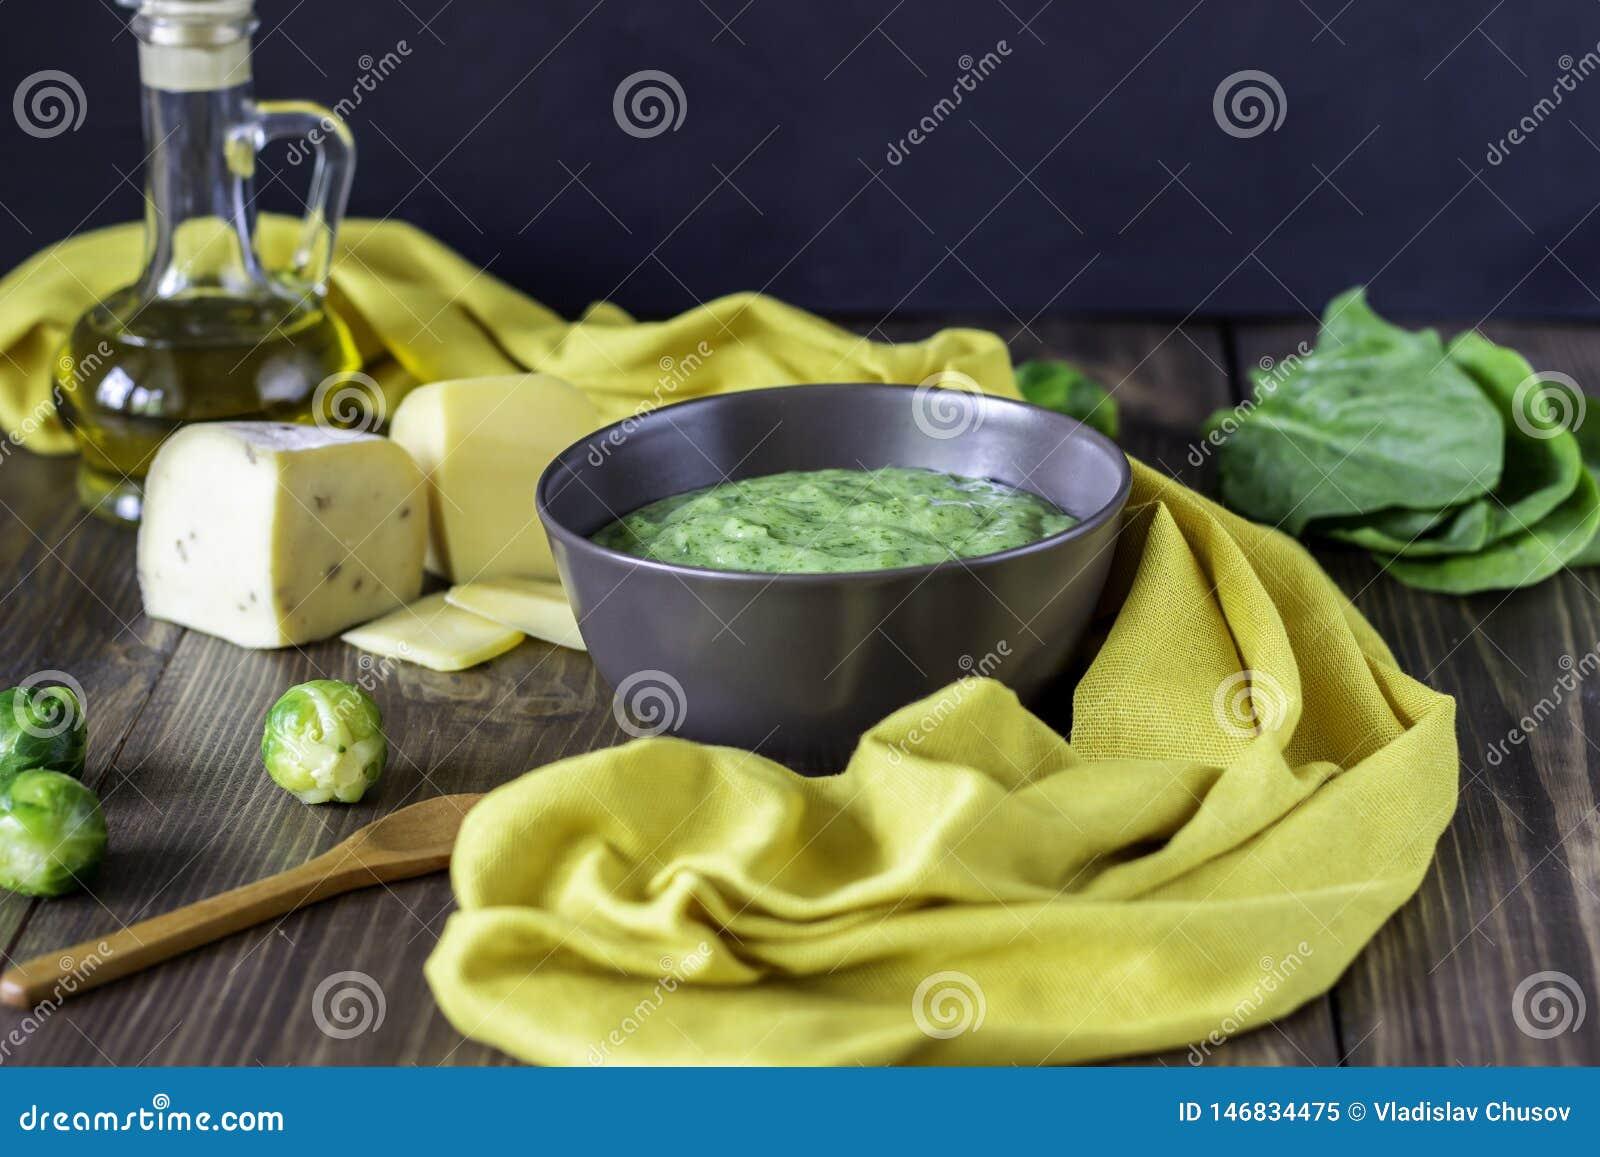 Kremowa polewka z szpinakami i serem zdrowe je?? Drewniany t?o